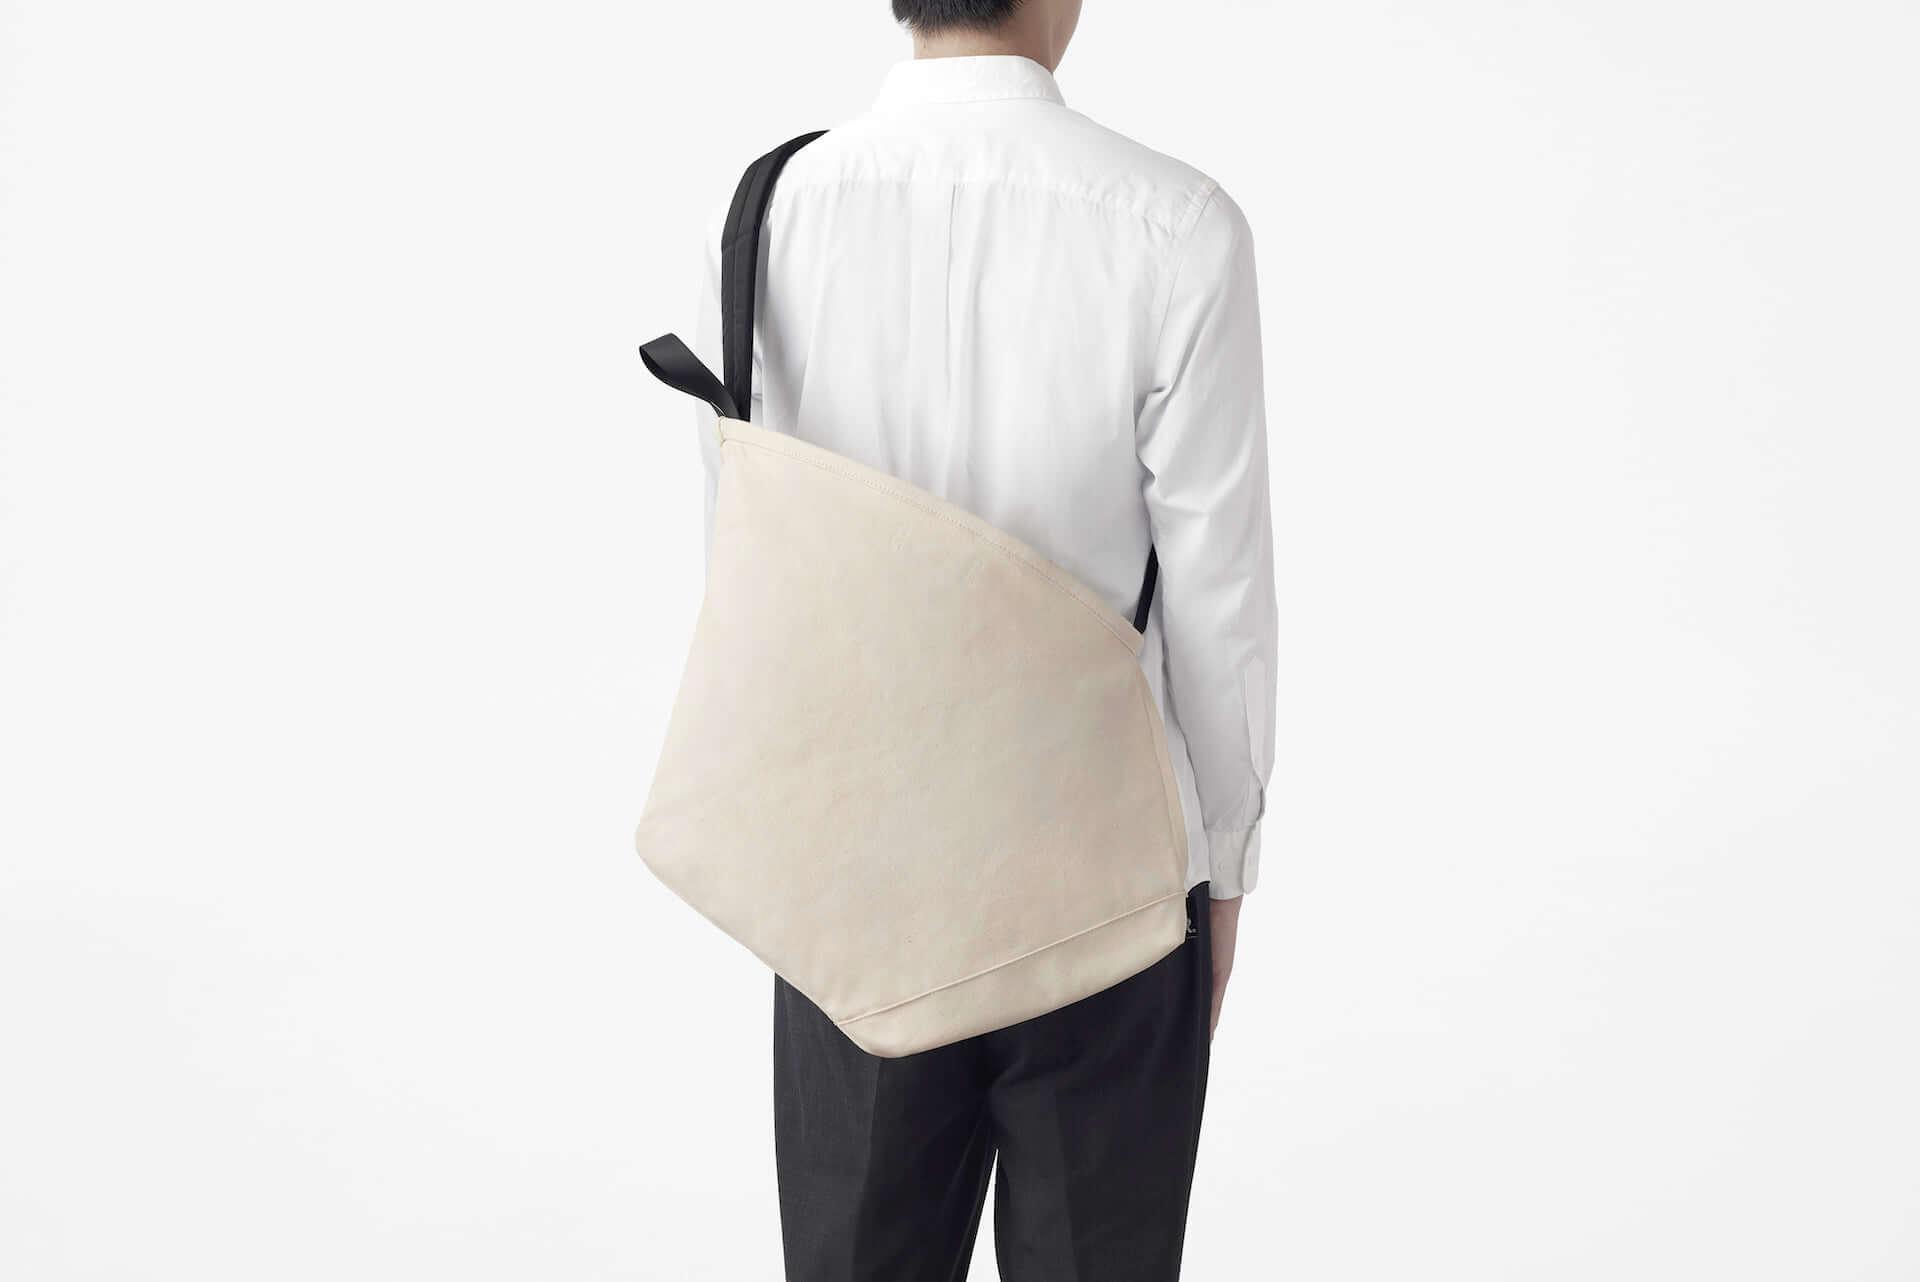 リュックとトートの利便性を兼ね備えたバッグが登場!ROOTOTEとnendoのコラボアイテム「ruck-tote」が発売 699396356fef054bd48cdd66e41d6a71-1920x1282